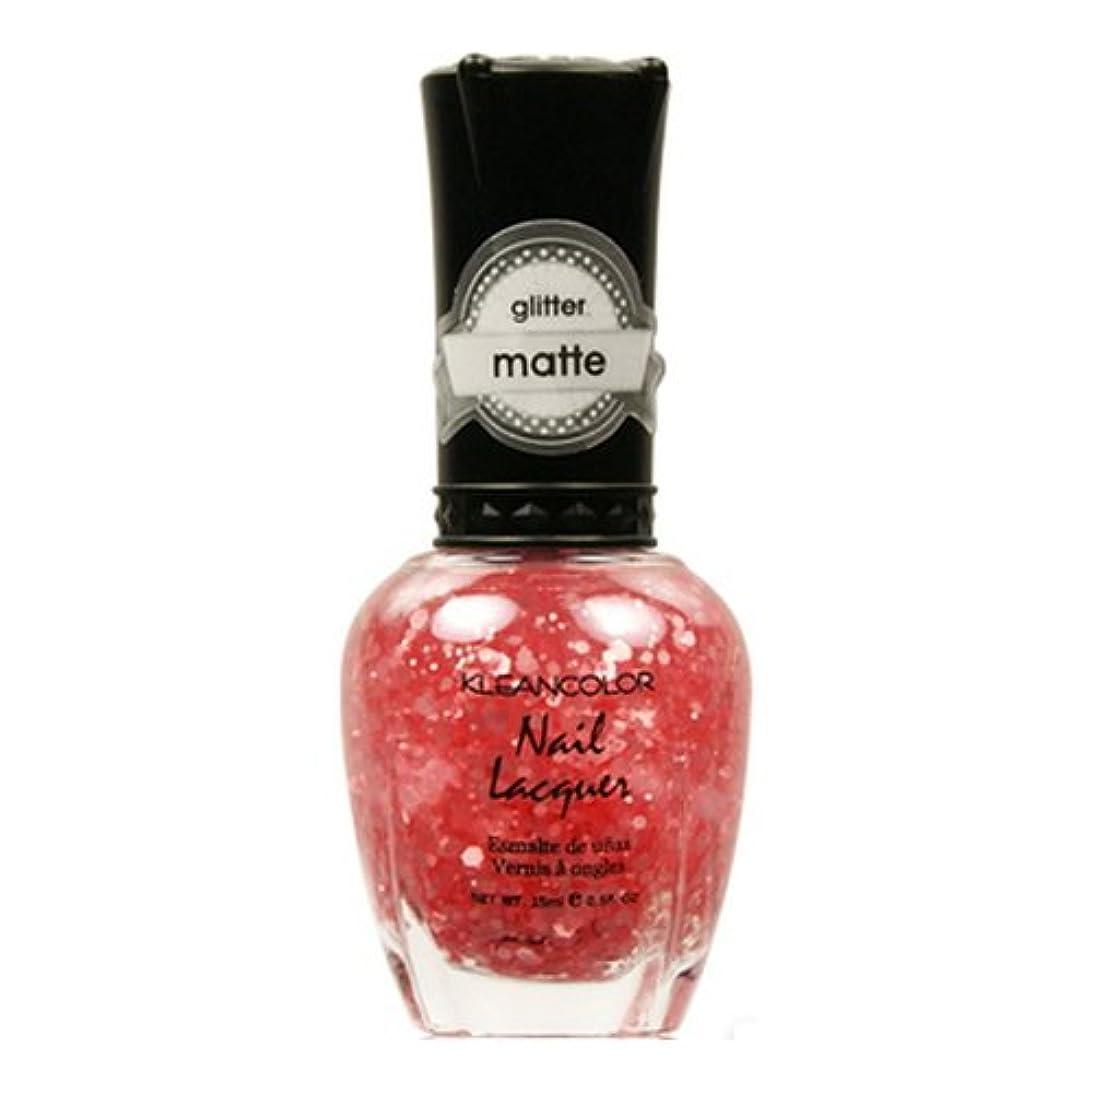 ずるい売り手ボアKLEANCOLOR Glitter Matte Nail Lacquer - Blush Pink (並行輸入品)